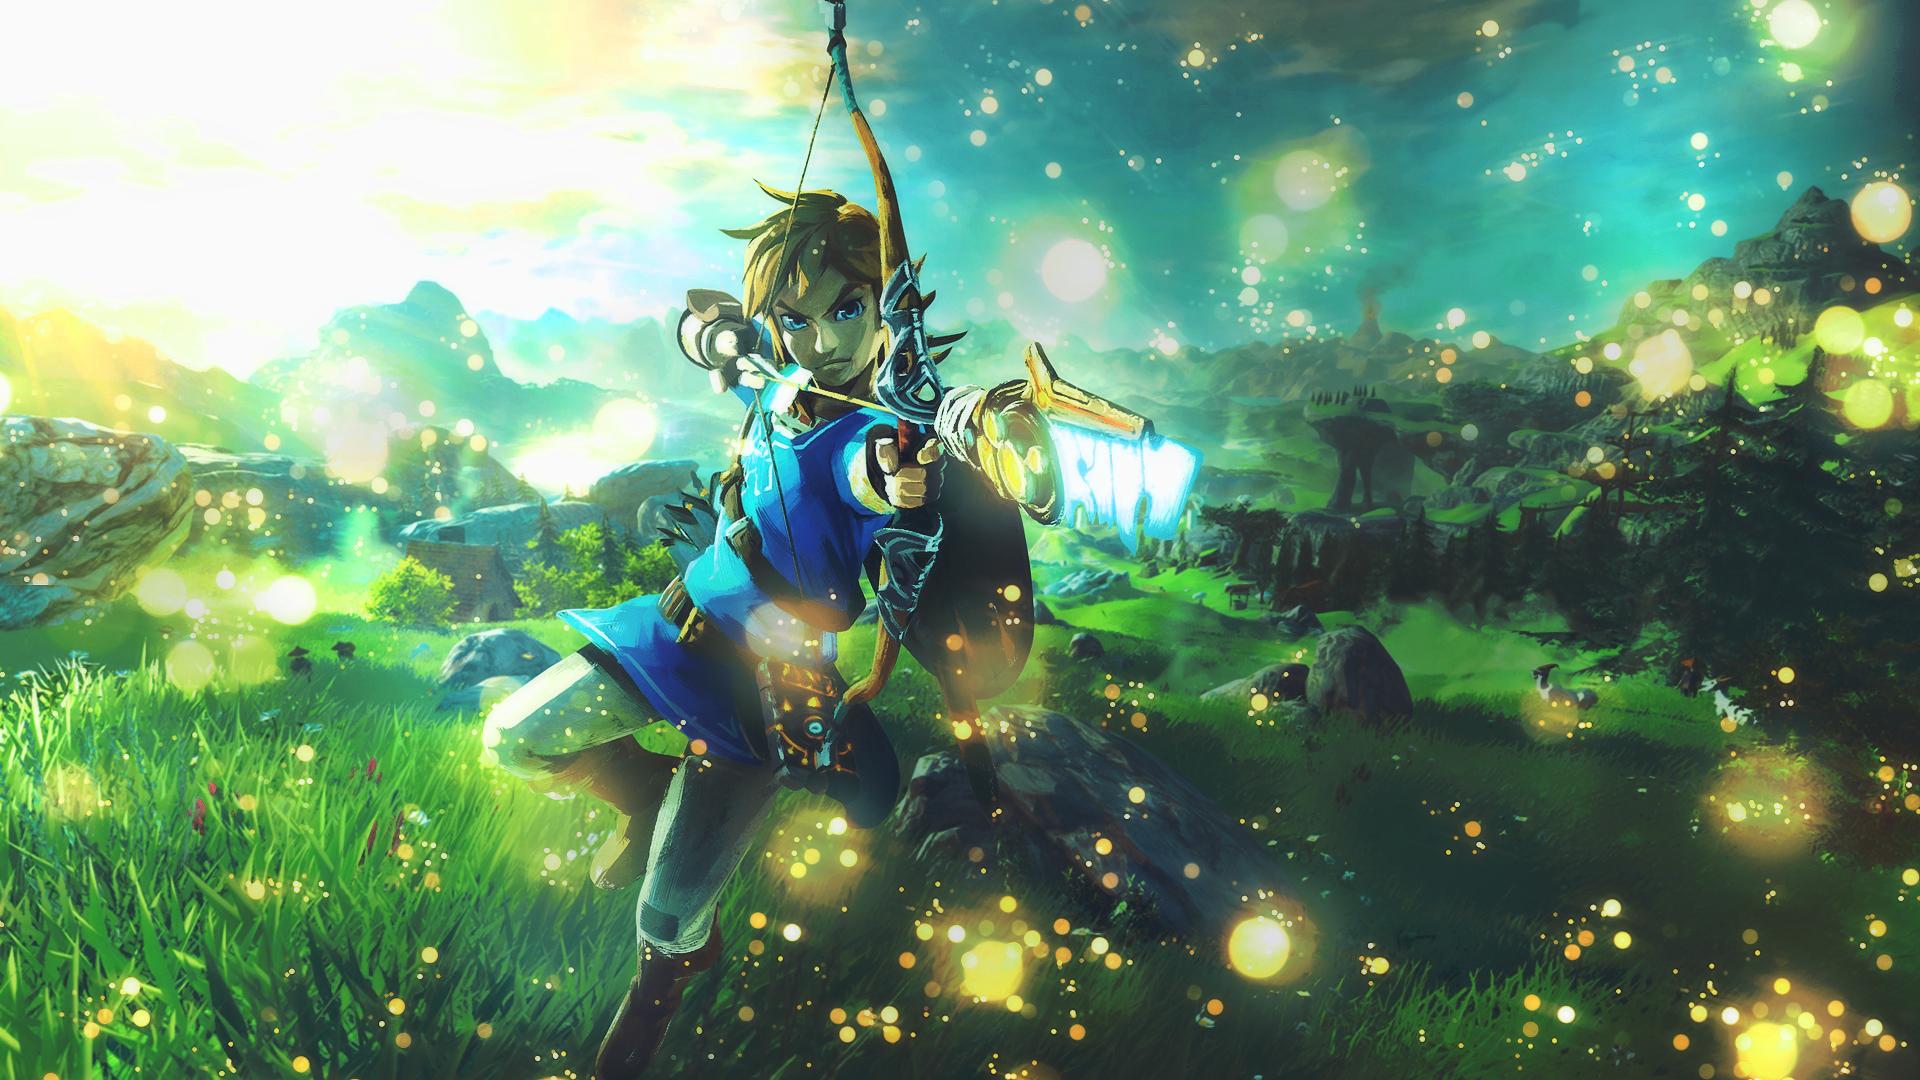 Zelda Breath Of The Wild Wallpaper By Yatamirror On Deviantart